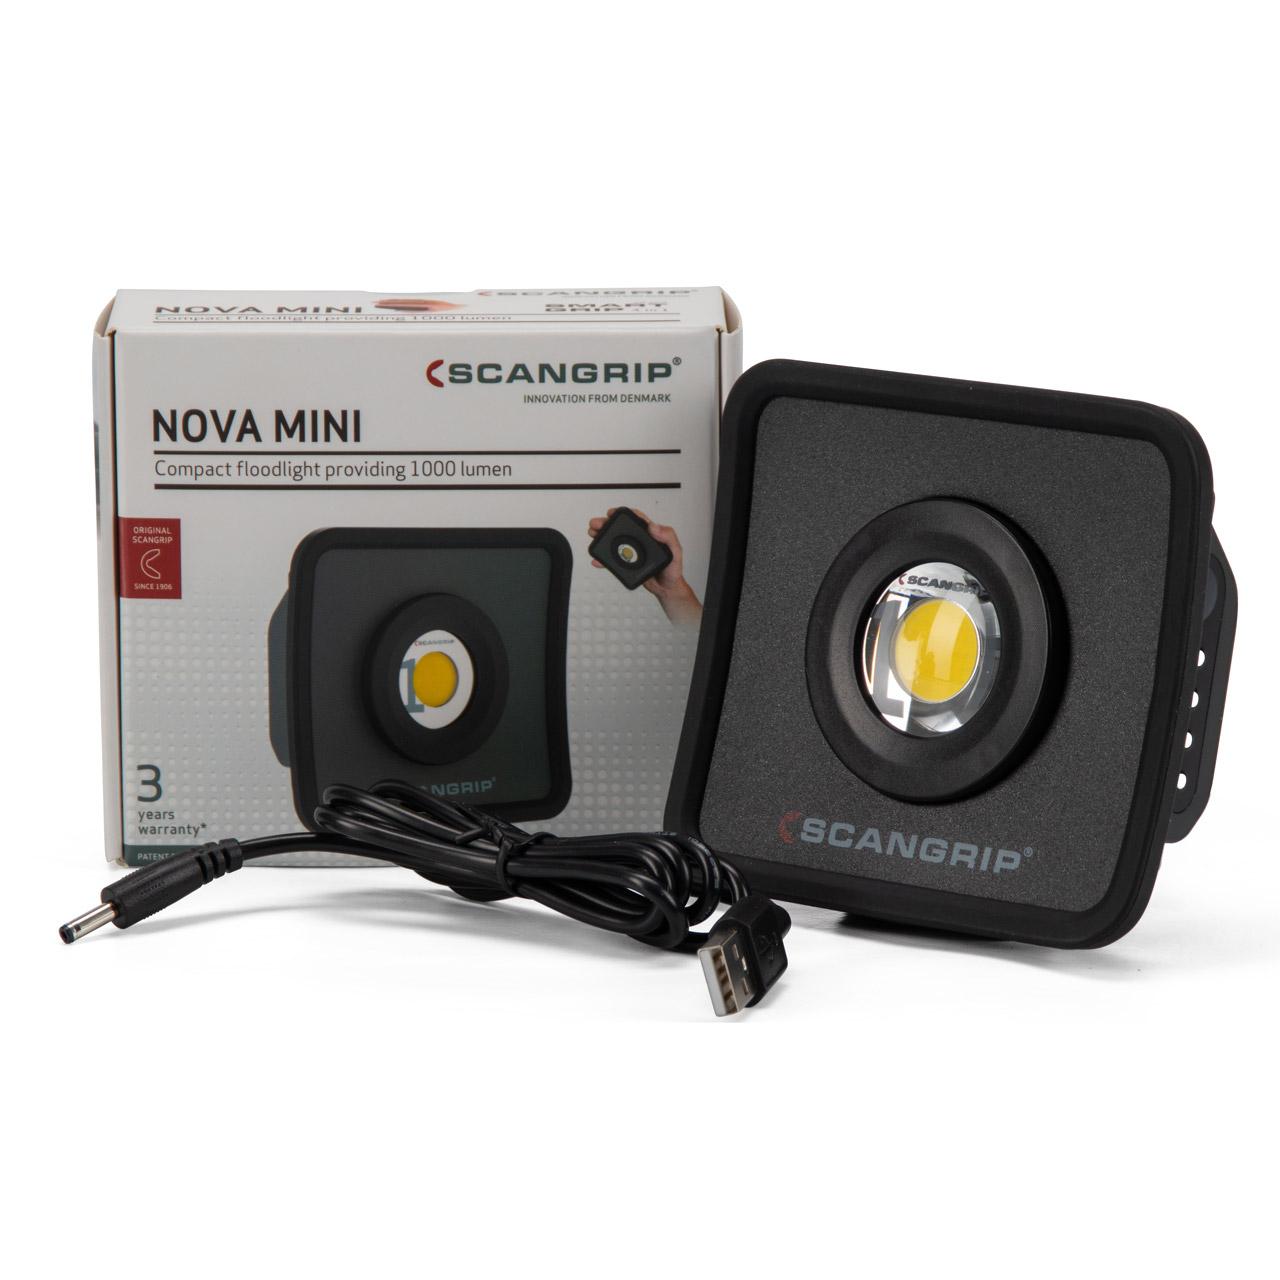 SCANGRIP 03.6010 NOVA MINI Kompakter Flutlichtstrahler mit Smart Grip 1000 Lumen